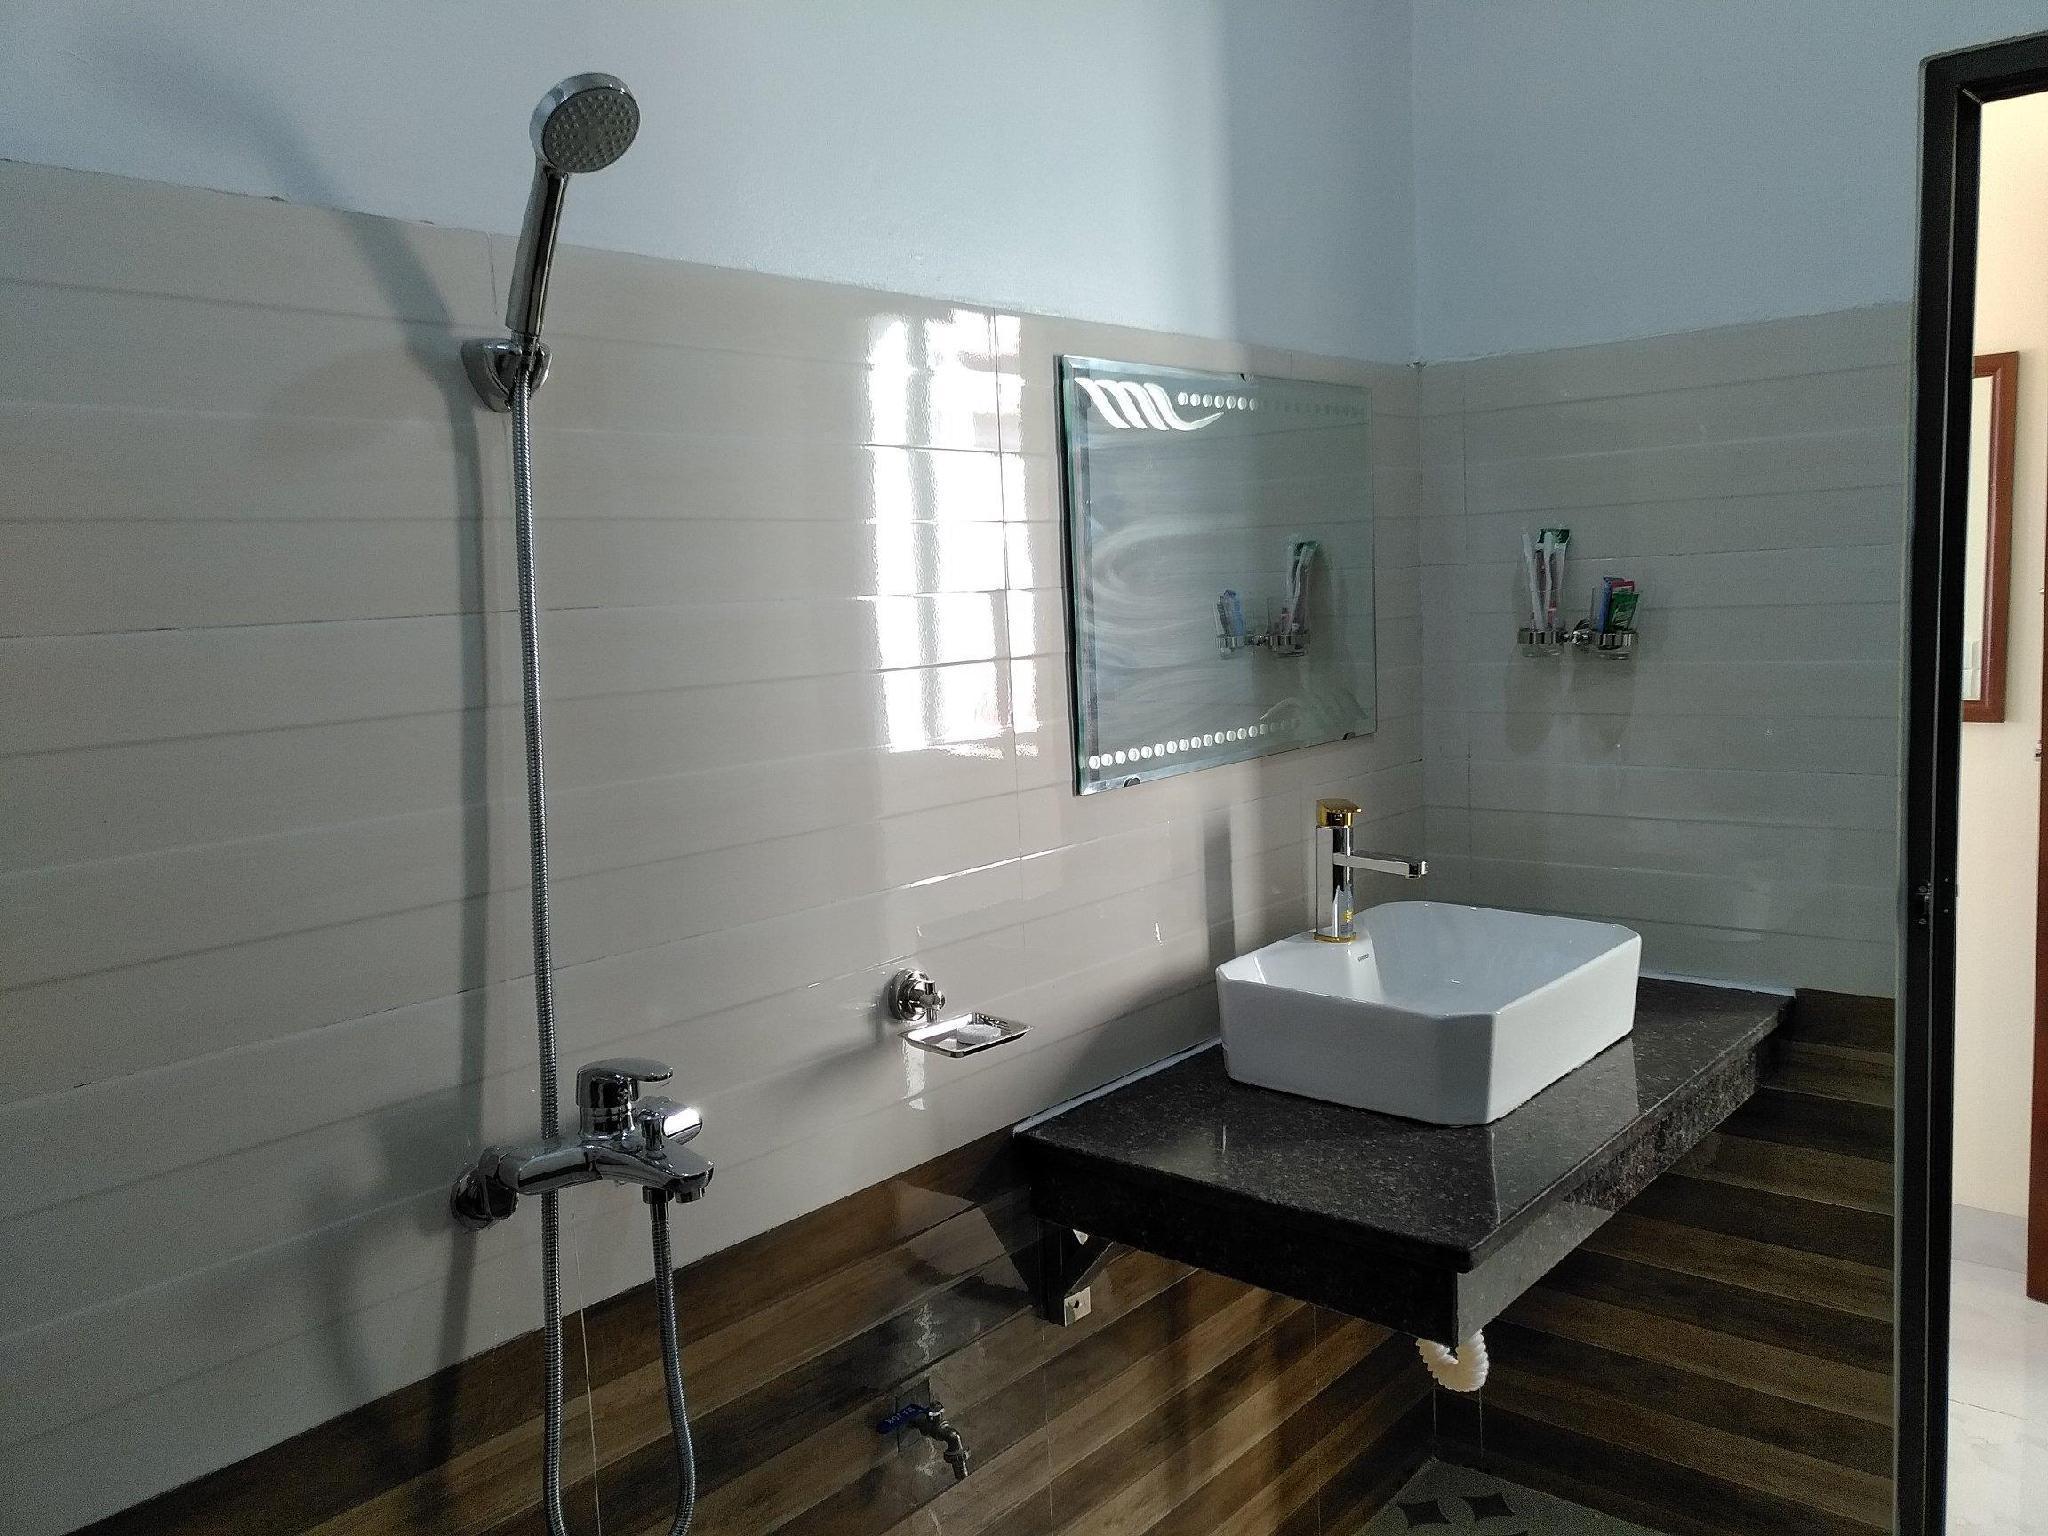 51 Guesthouse - 2nd Branch, Điên Biên Phủ